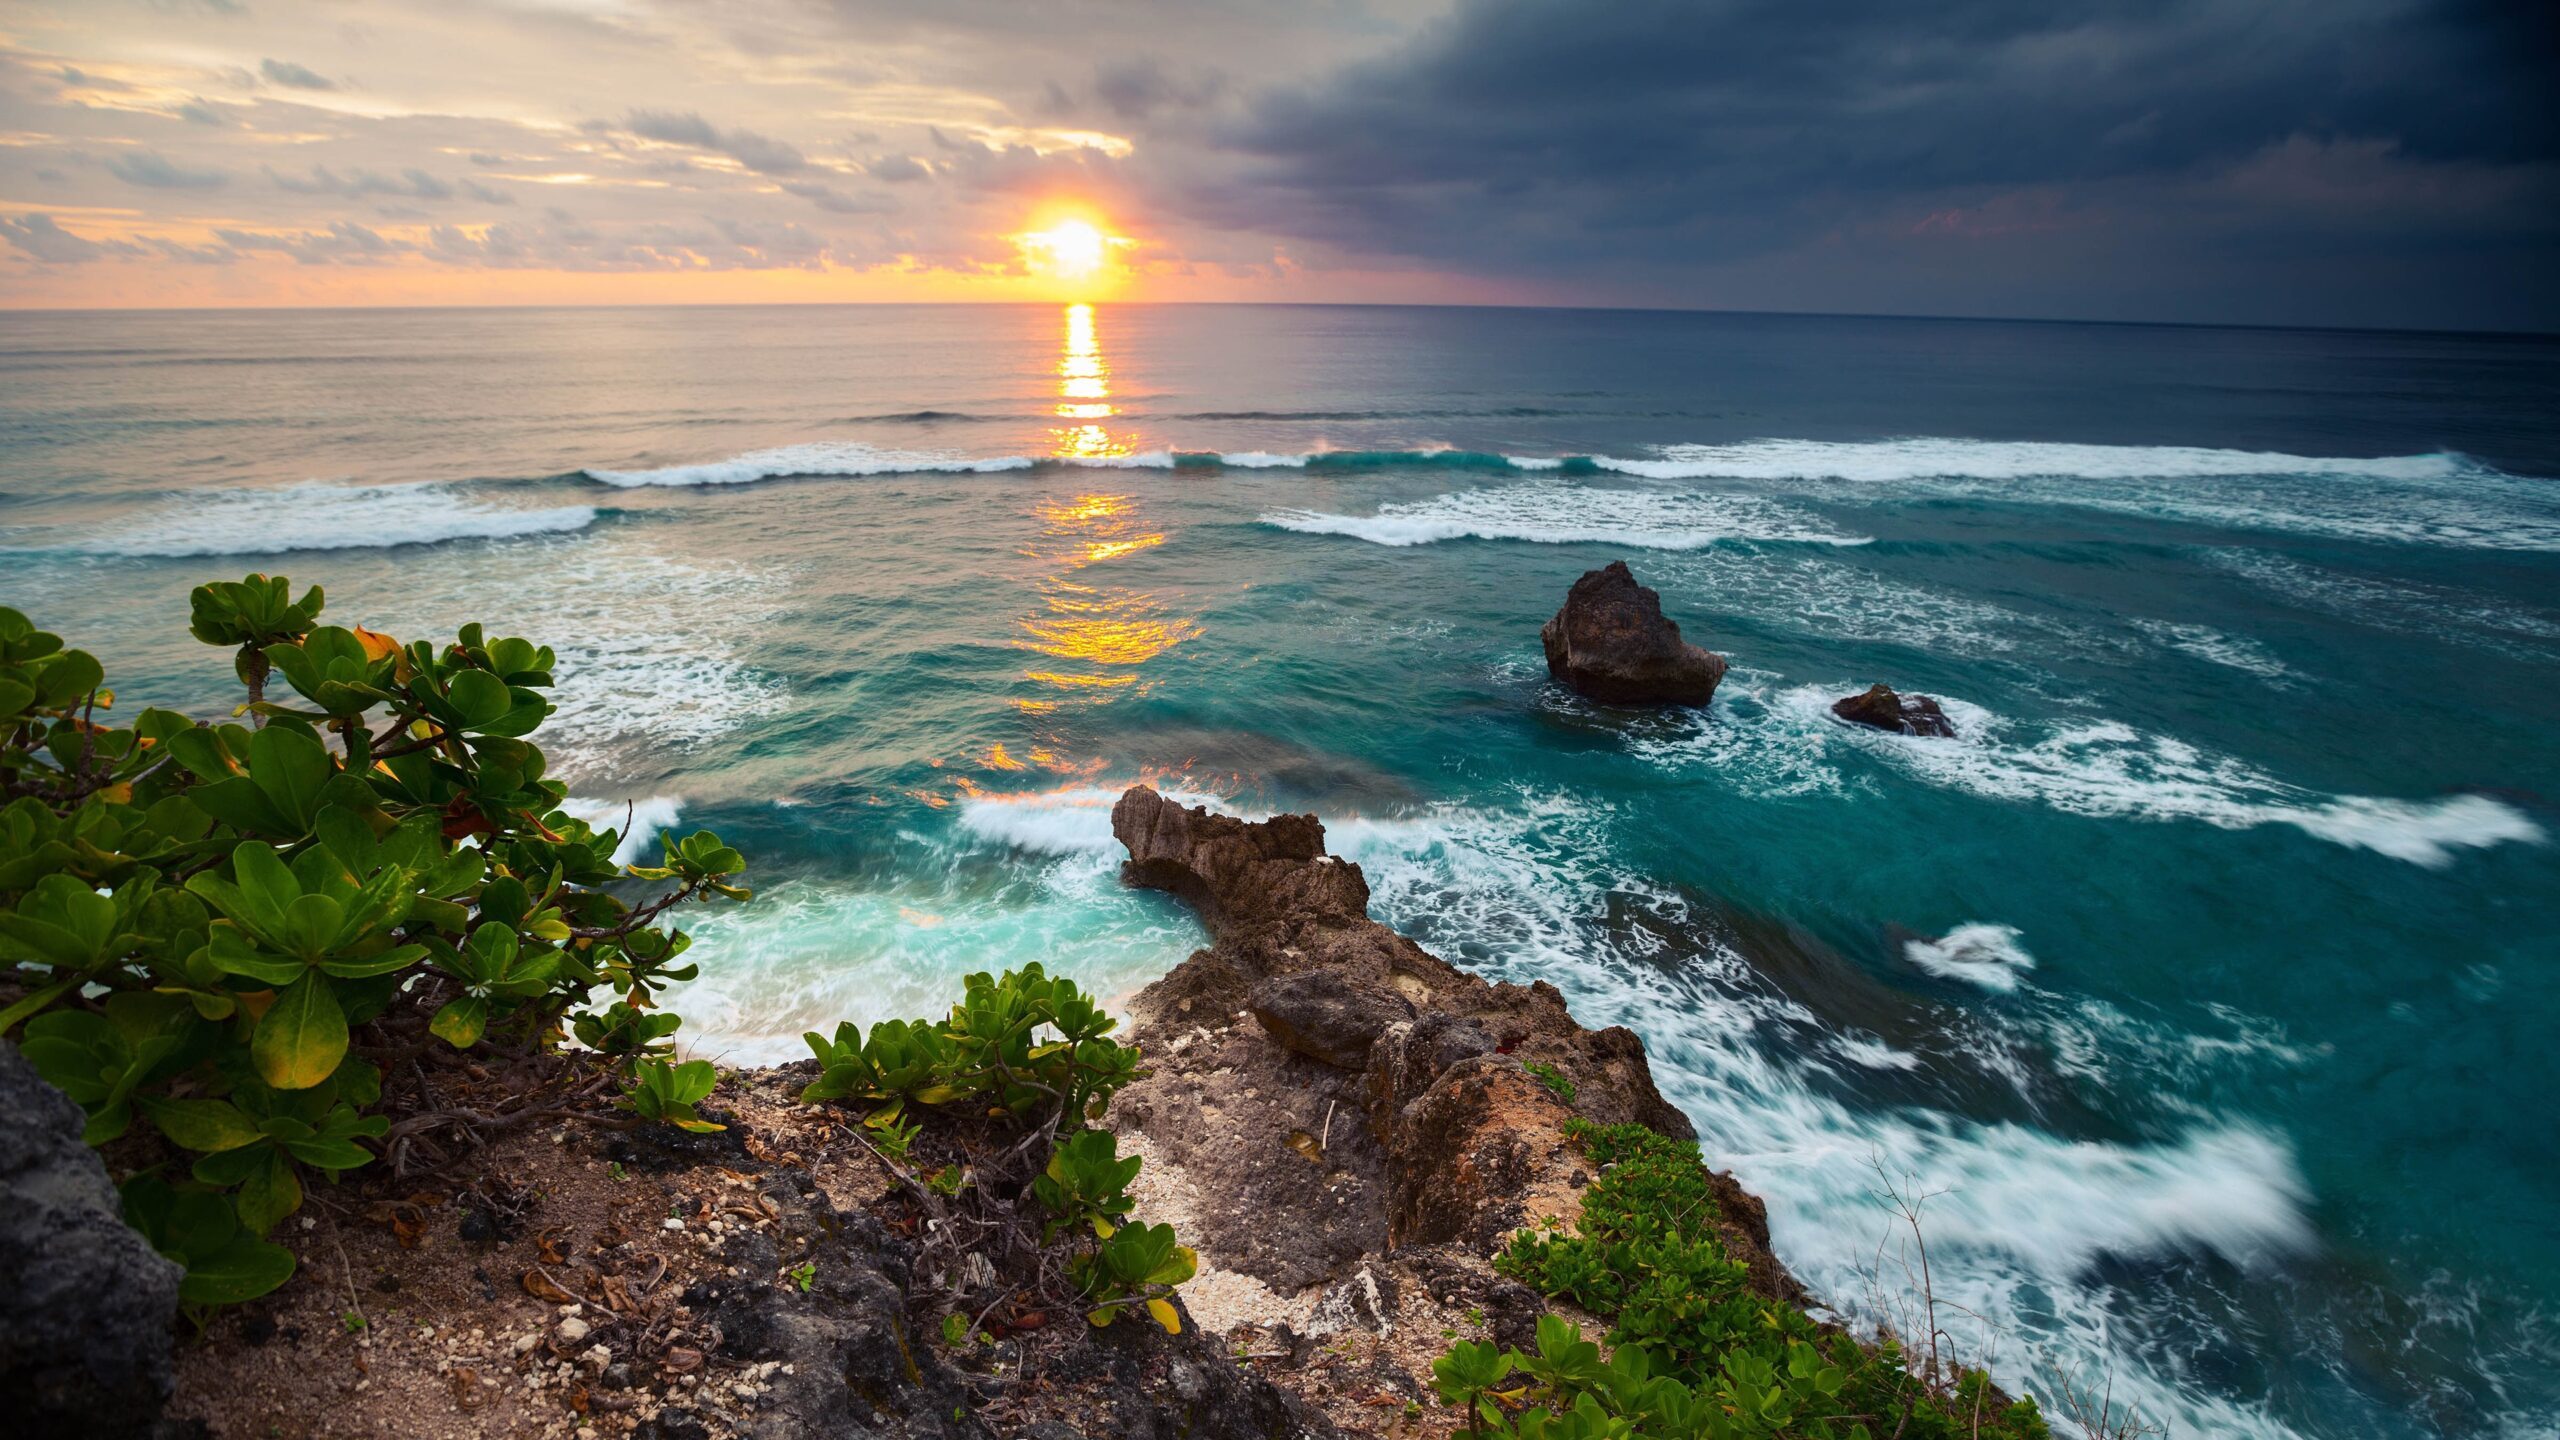 okean_s_berega_ostrova_bali_indonezija